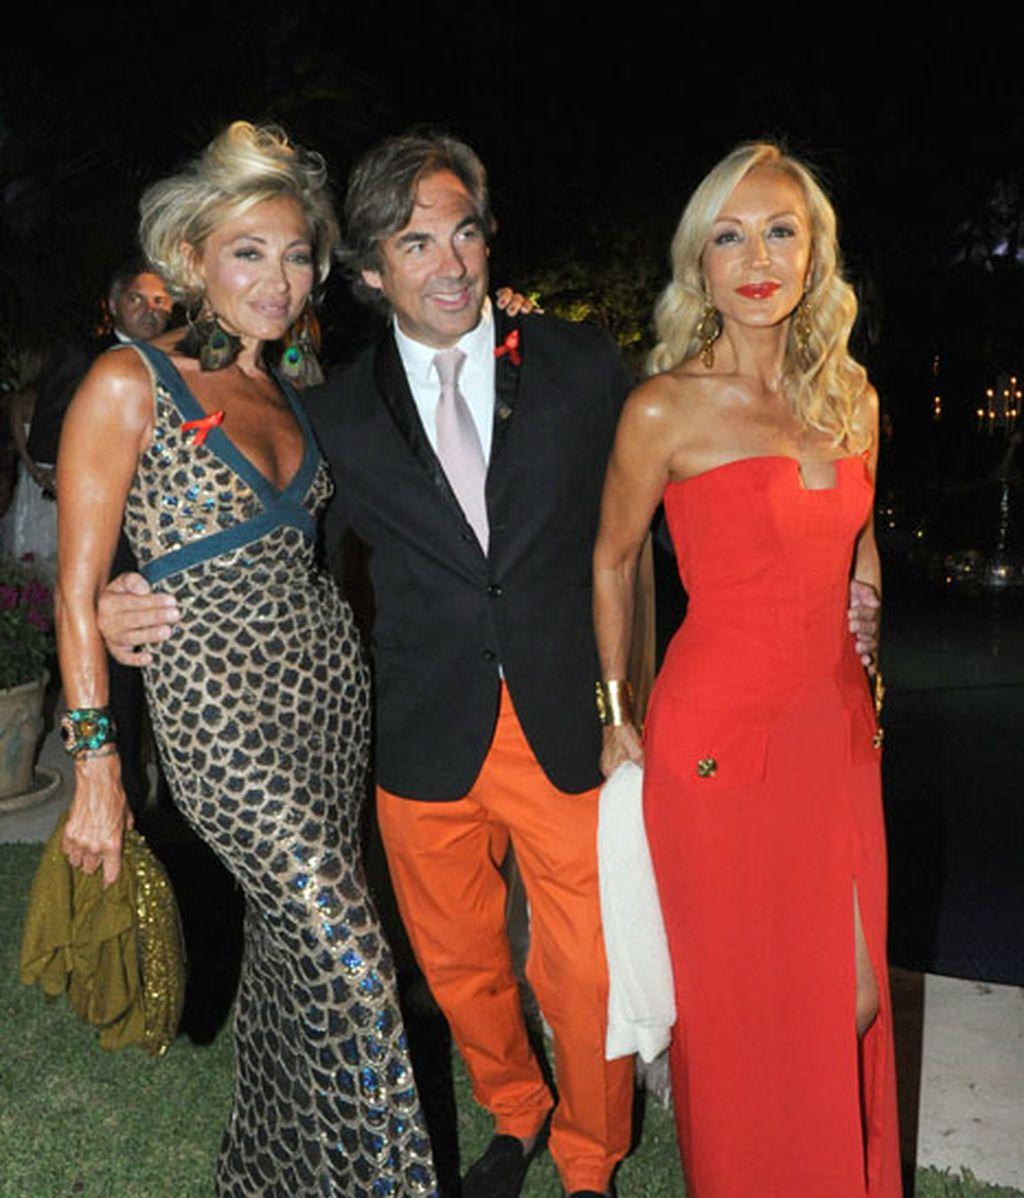 Carmen Lomana junto a una bronceadísima amiga y un hombre de pantalón butano